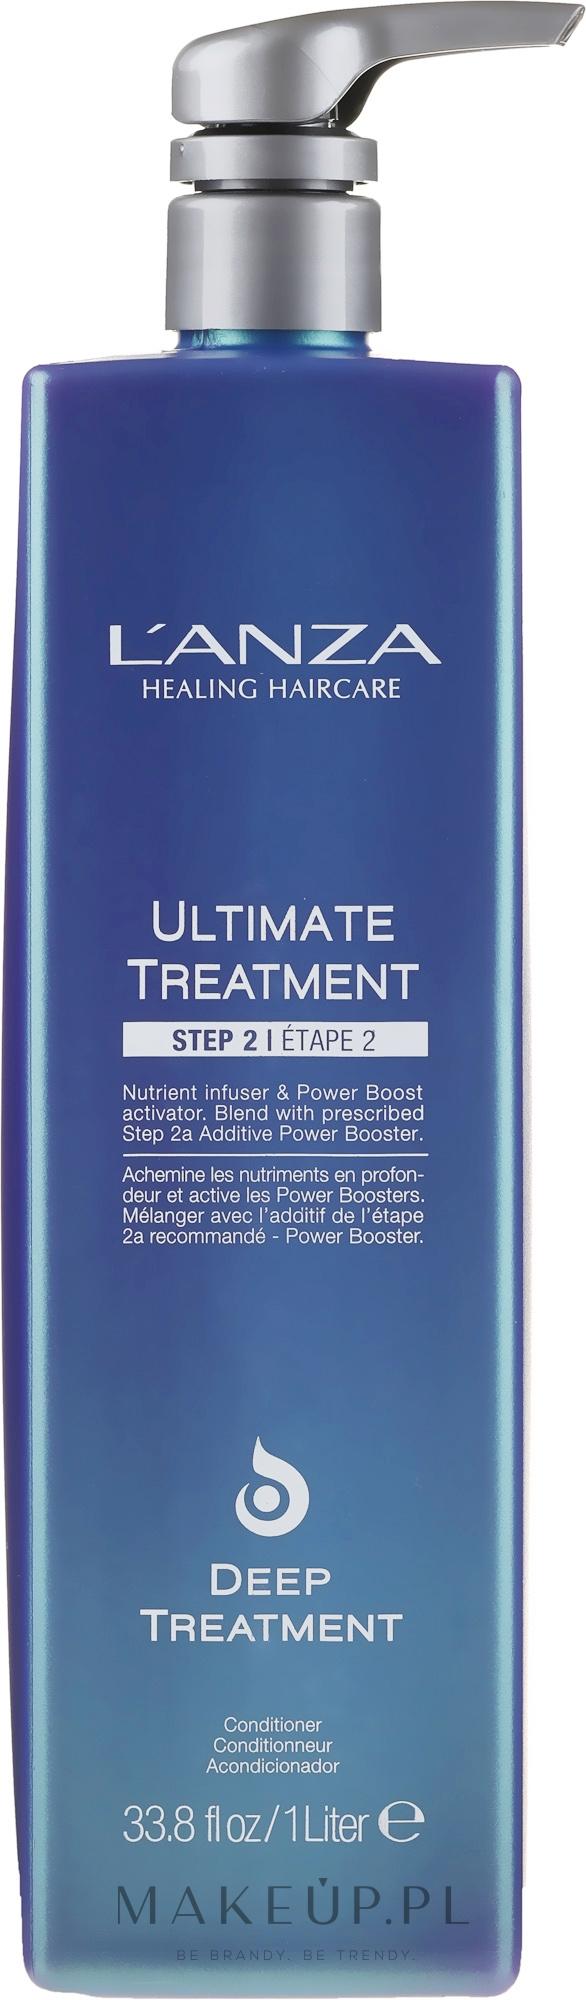 Regenerująca kuracja do włosów - Lanza Ultimate Treatment Step 2 Deep Treatment — фото 1000 ml